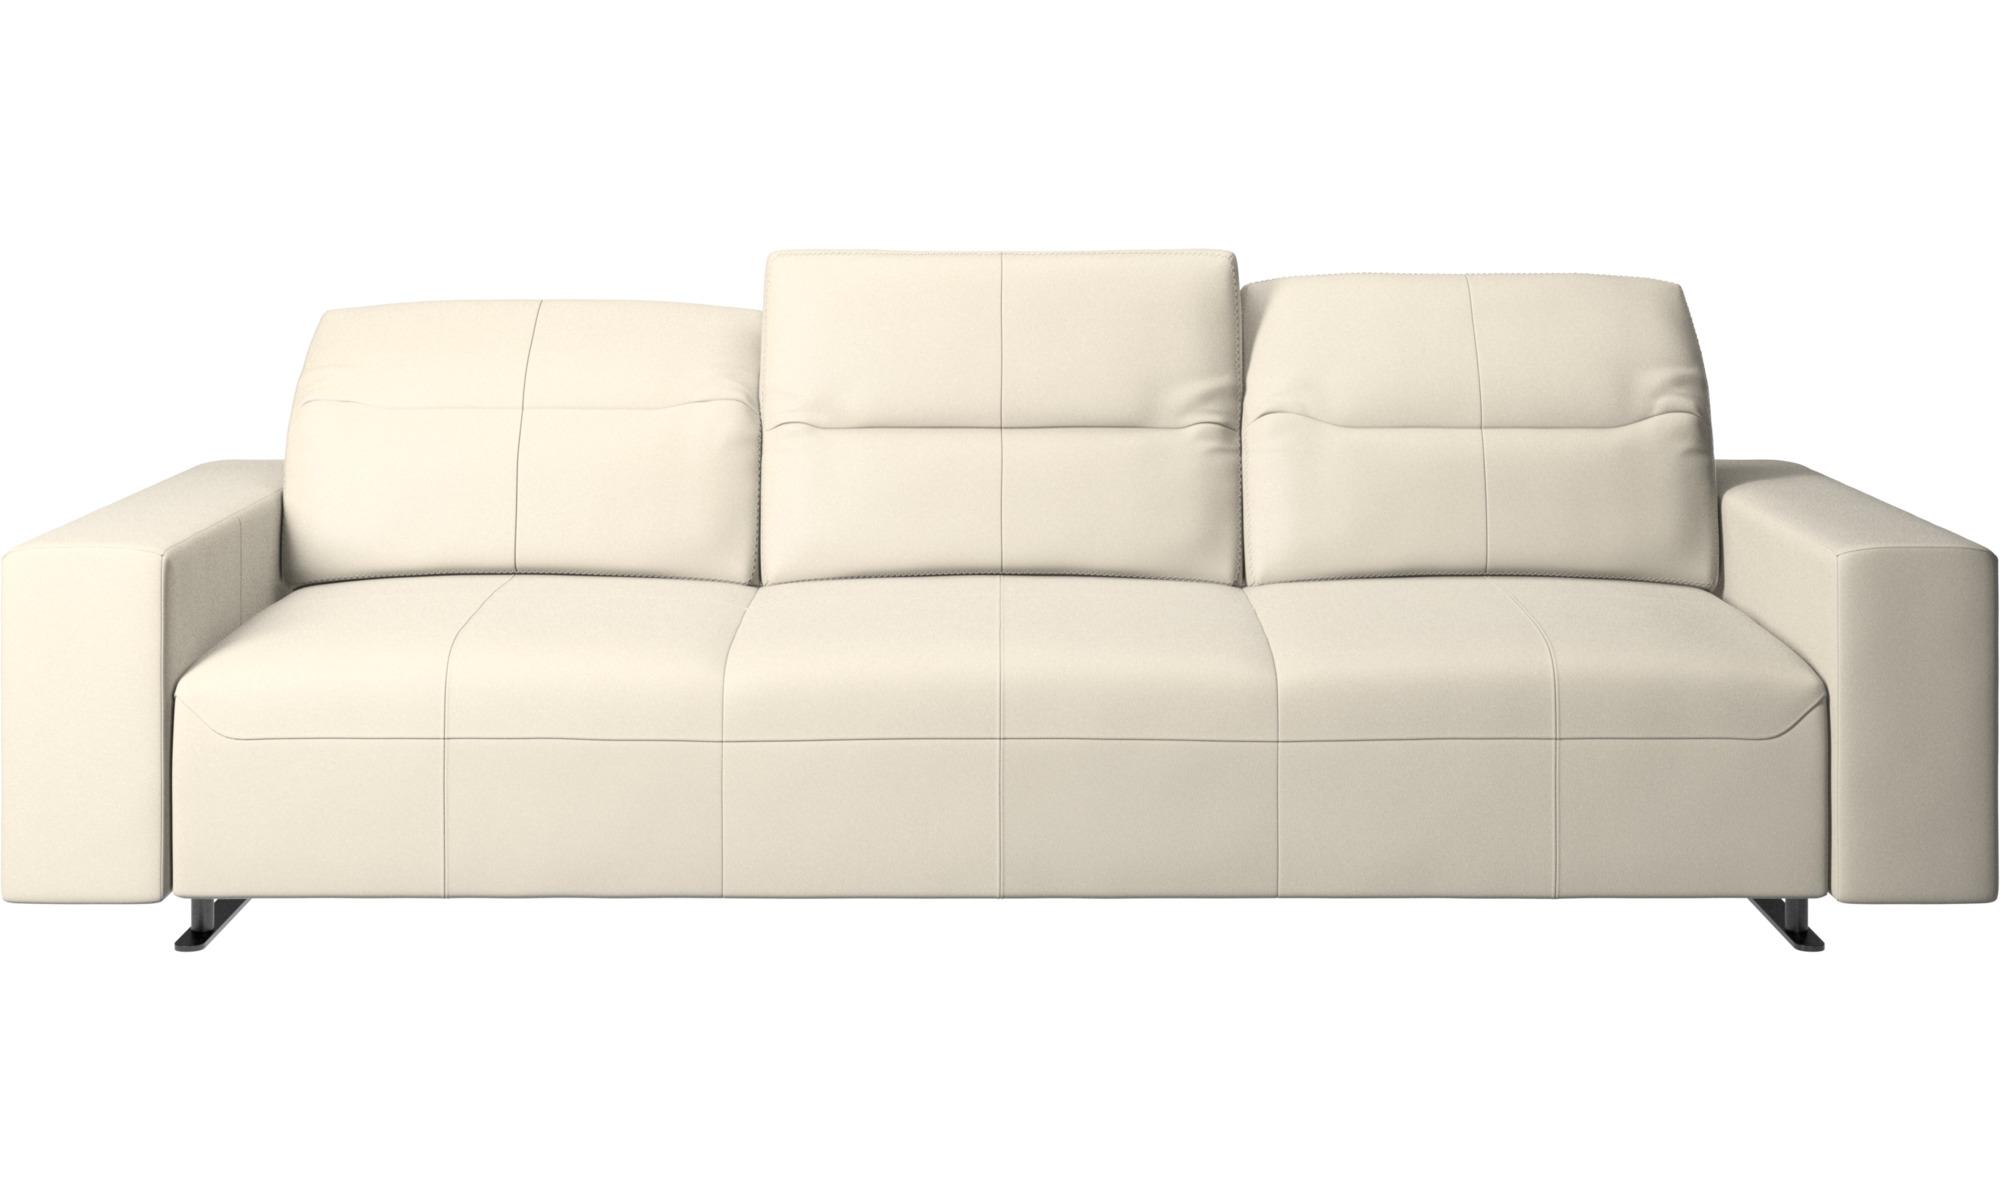 Canapés 3 places - Canapé Hampton avec dossier ajustable - Blanc - Cuir